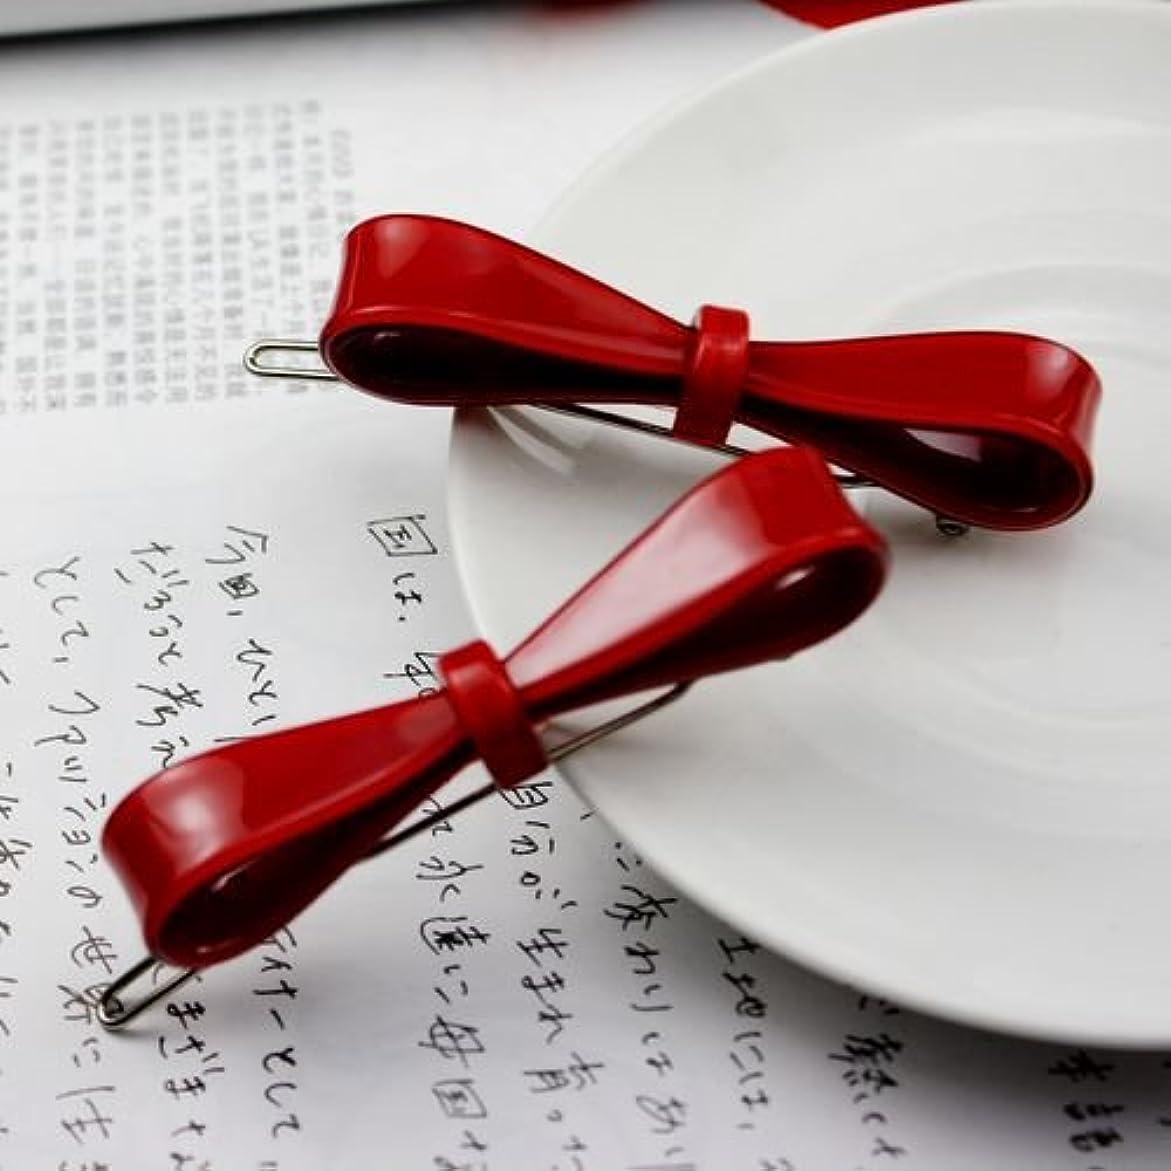 アナニバー写真愛情深いHuaQingPiJu-JP 1Pcシンプルなエレガントなヘアクリップファッションロゼットヘッドアクセサリー(赤)